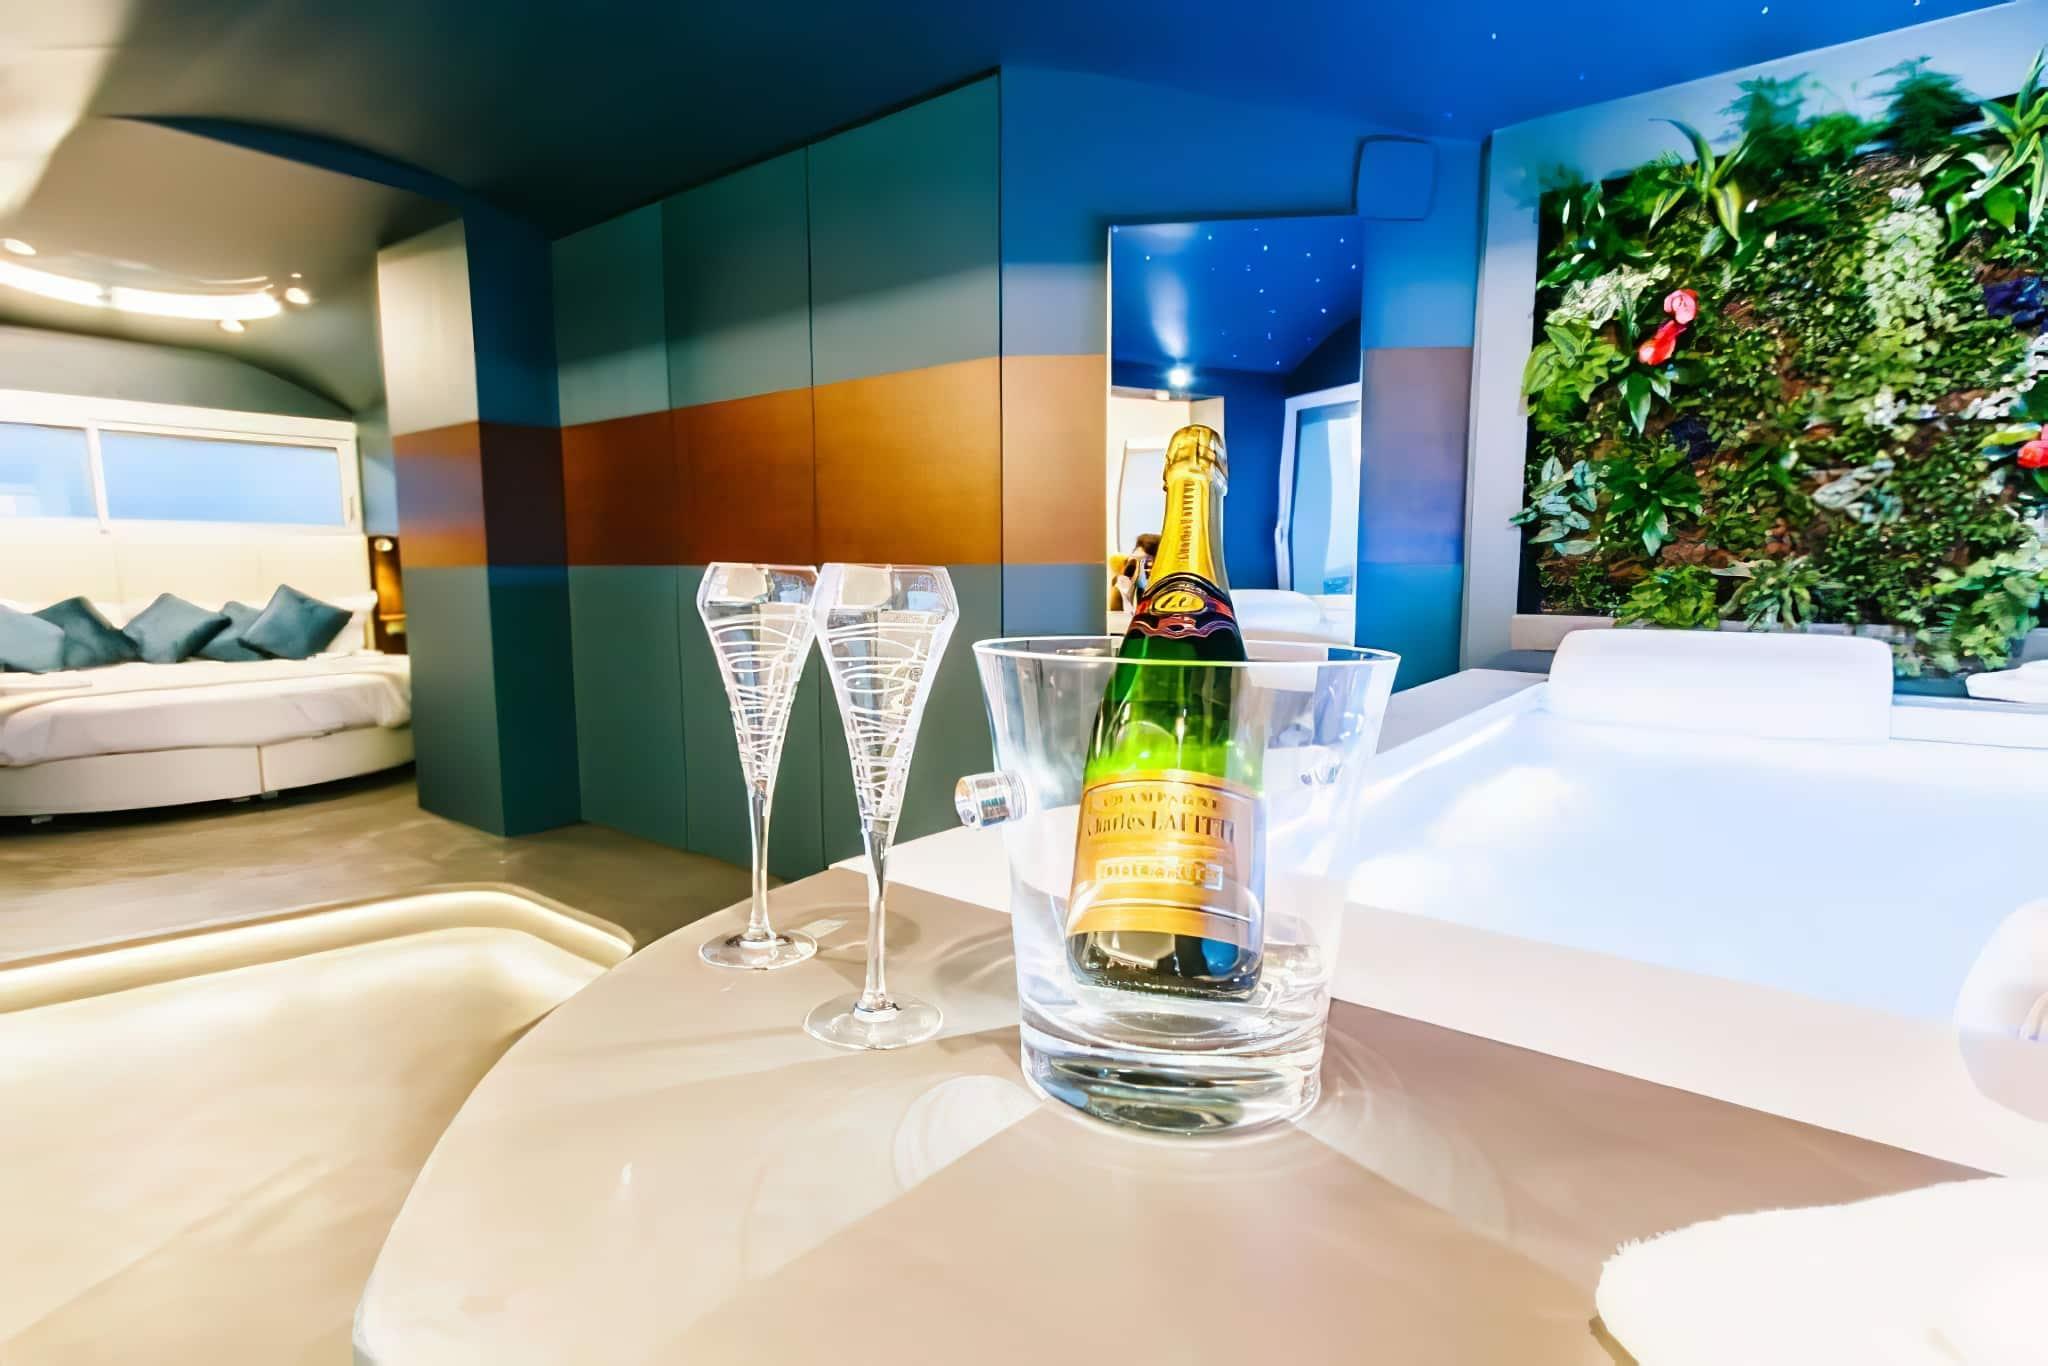 Les 6 Hotels Les Plus Romantiques De Toulouse